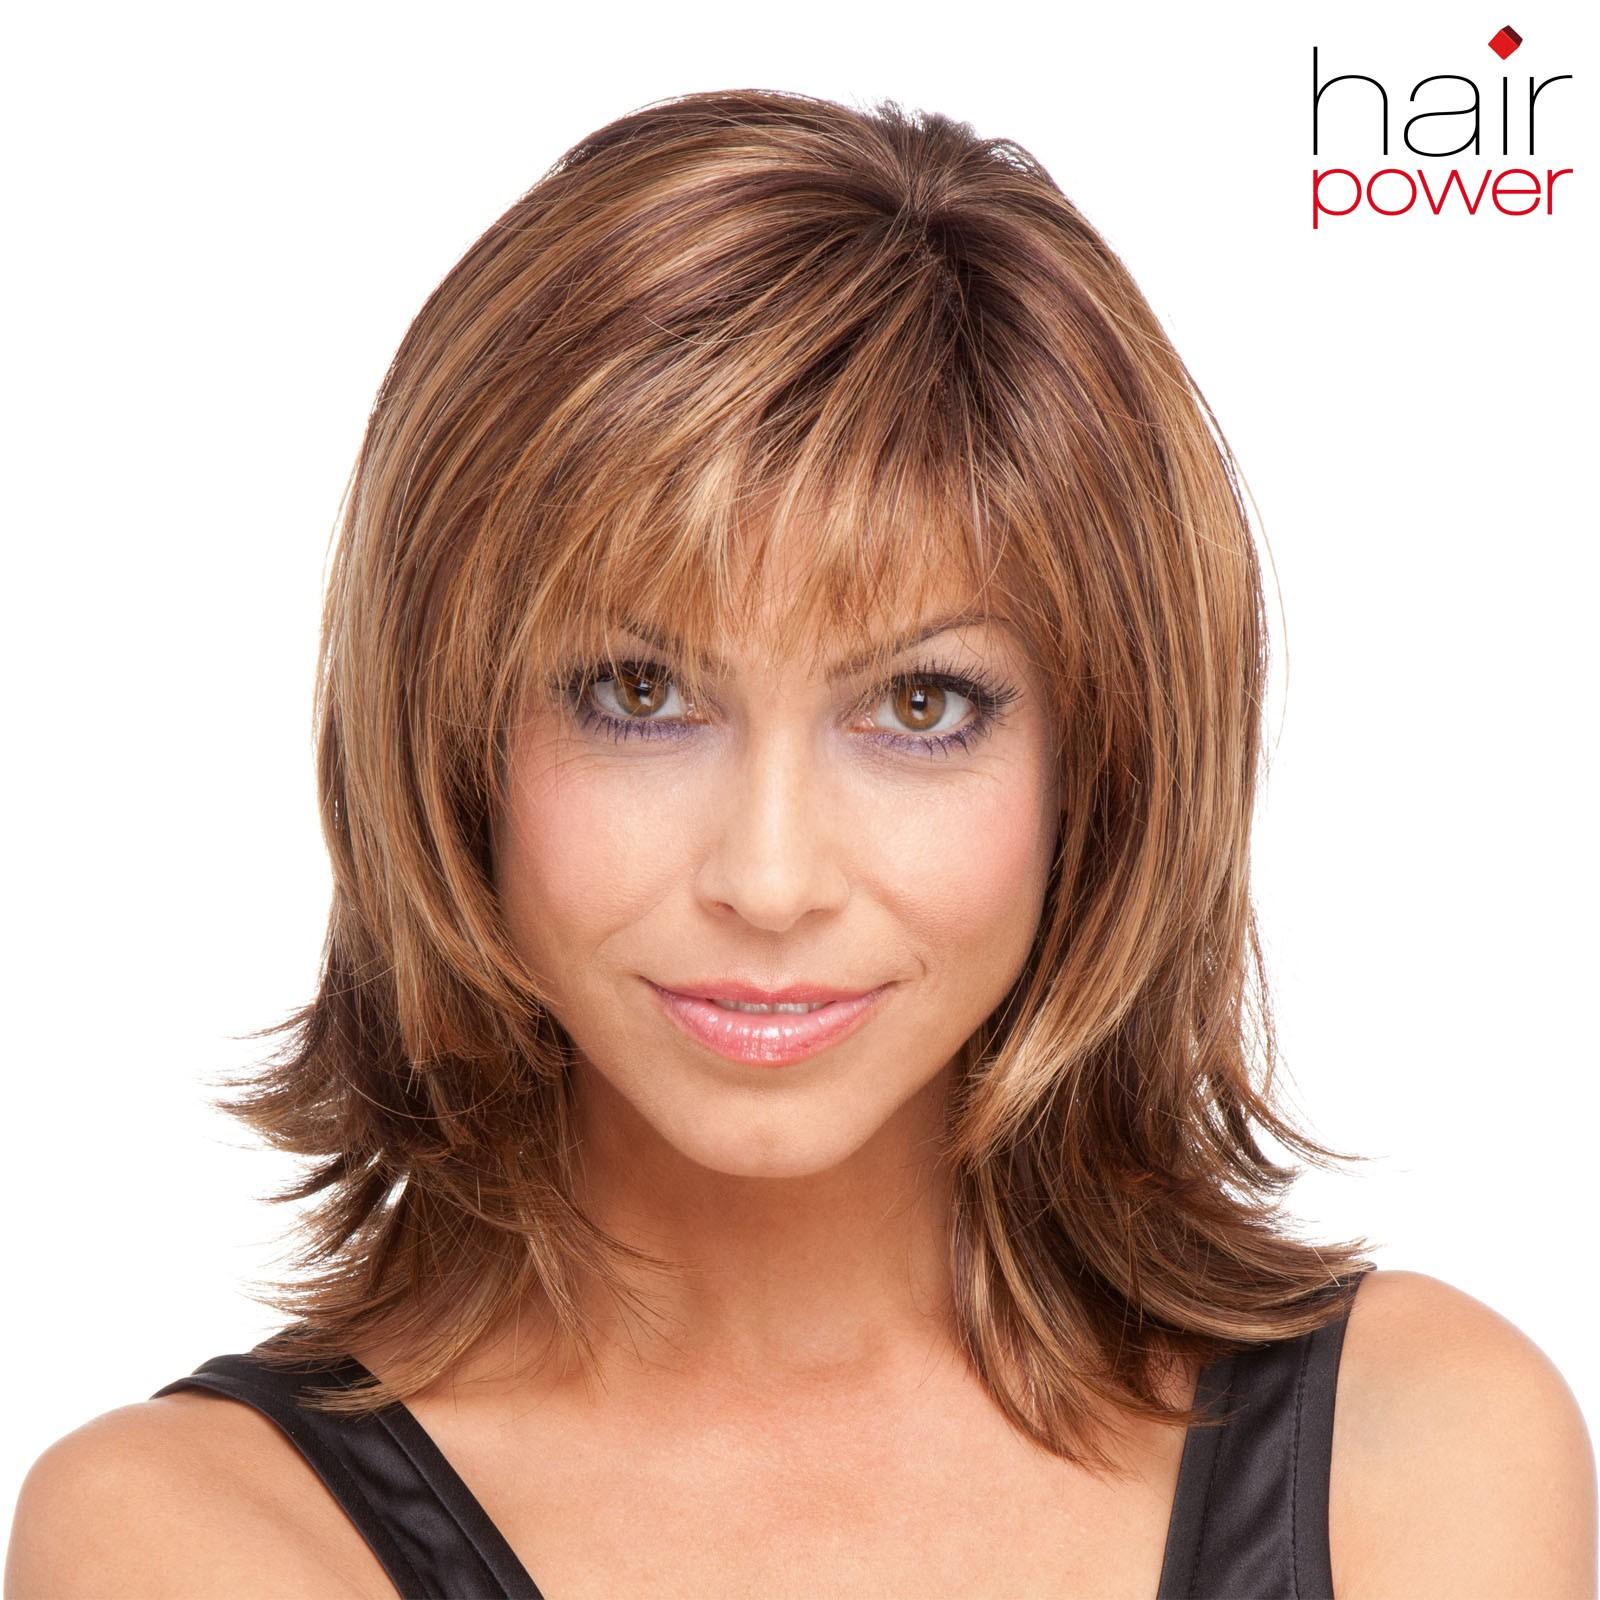 Frisuren Halblang Glattes Haar – Trendige Frisuren 2017 Foto Blog